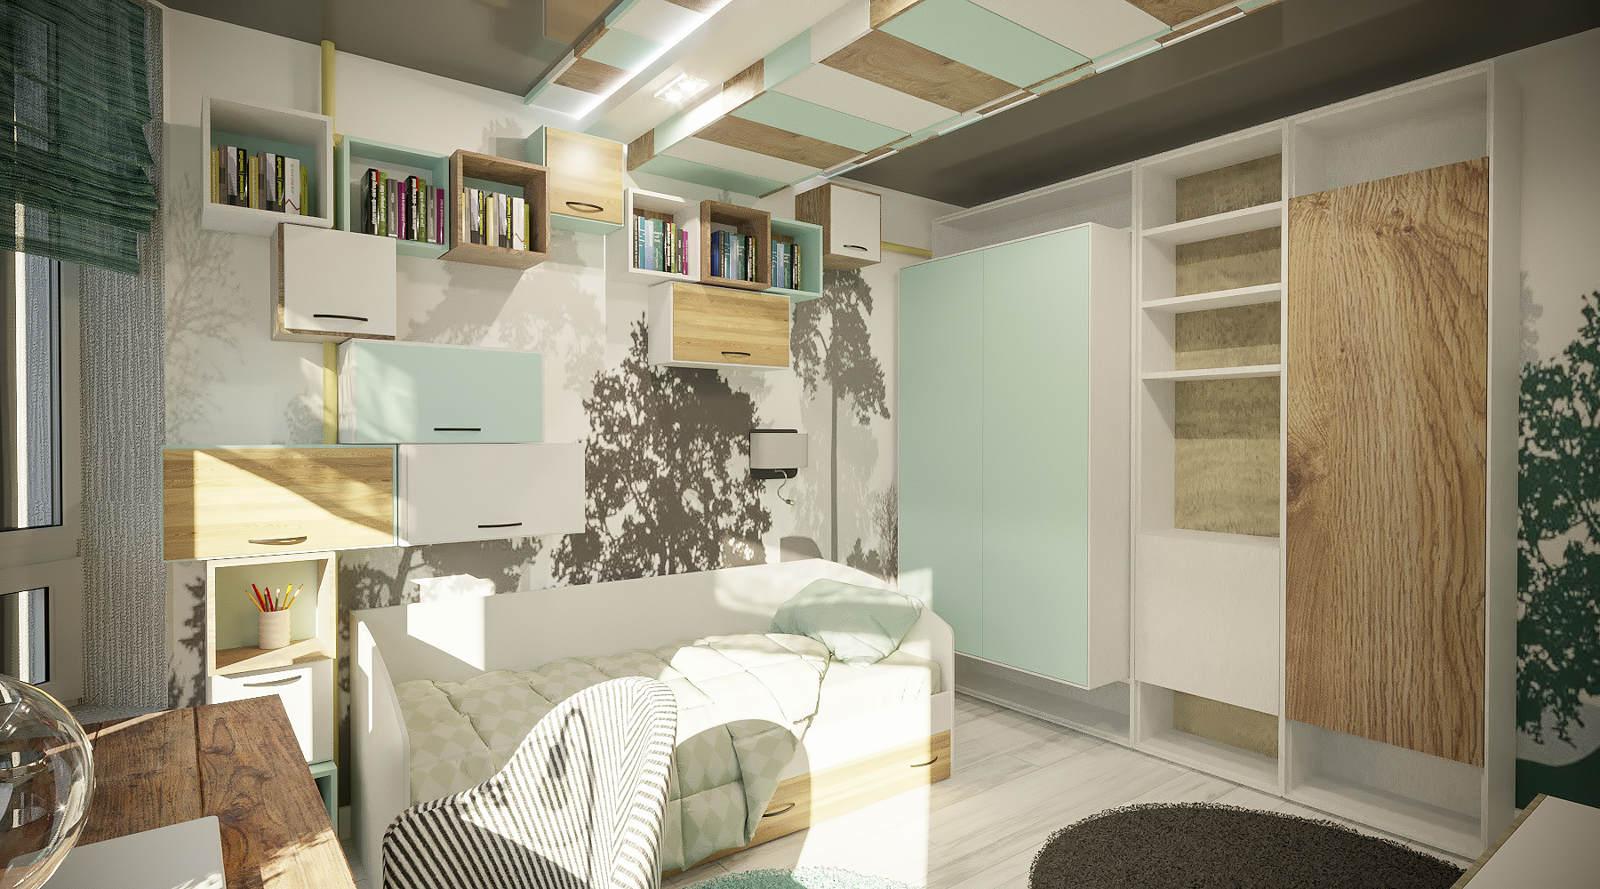 Дизайн детской комнаты Киев современный интерьер, декор на стенах модерн, идеи, подростковая спальня